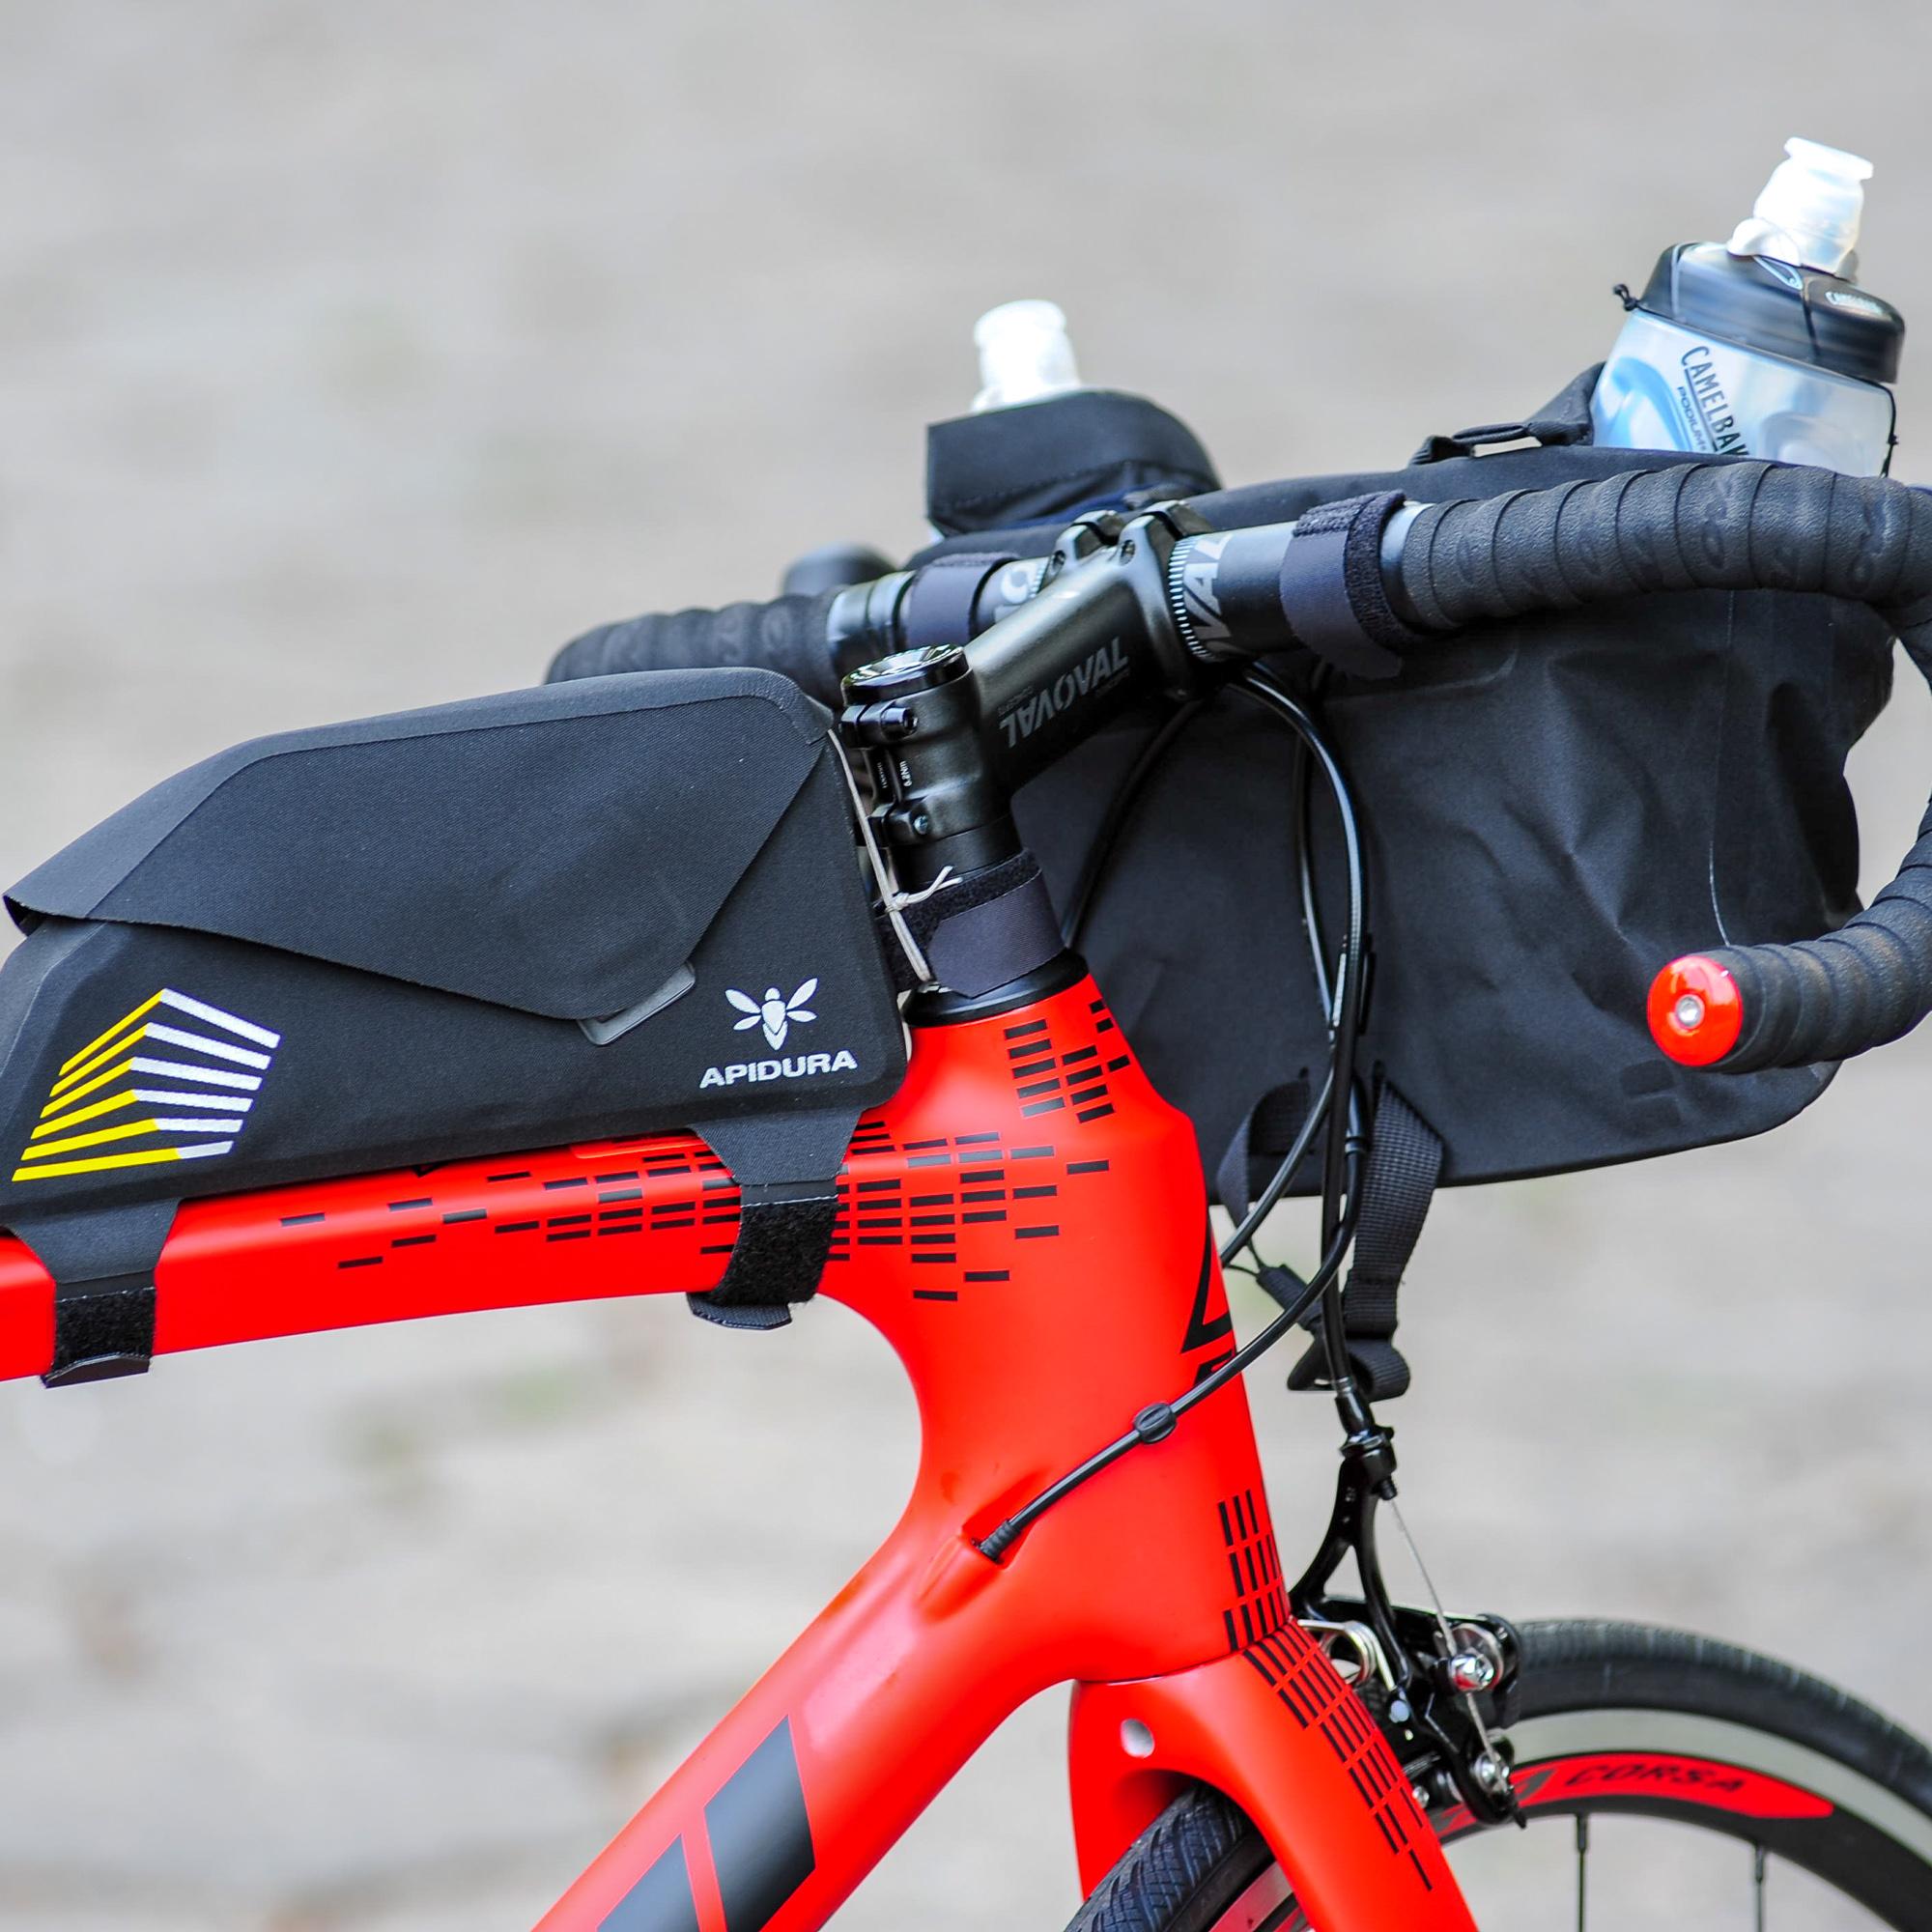 apidura sakwy rowerowe